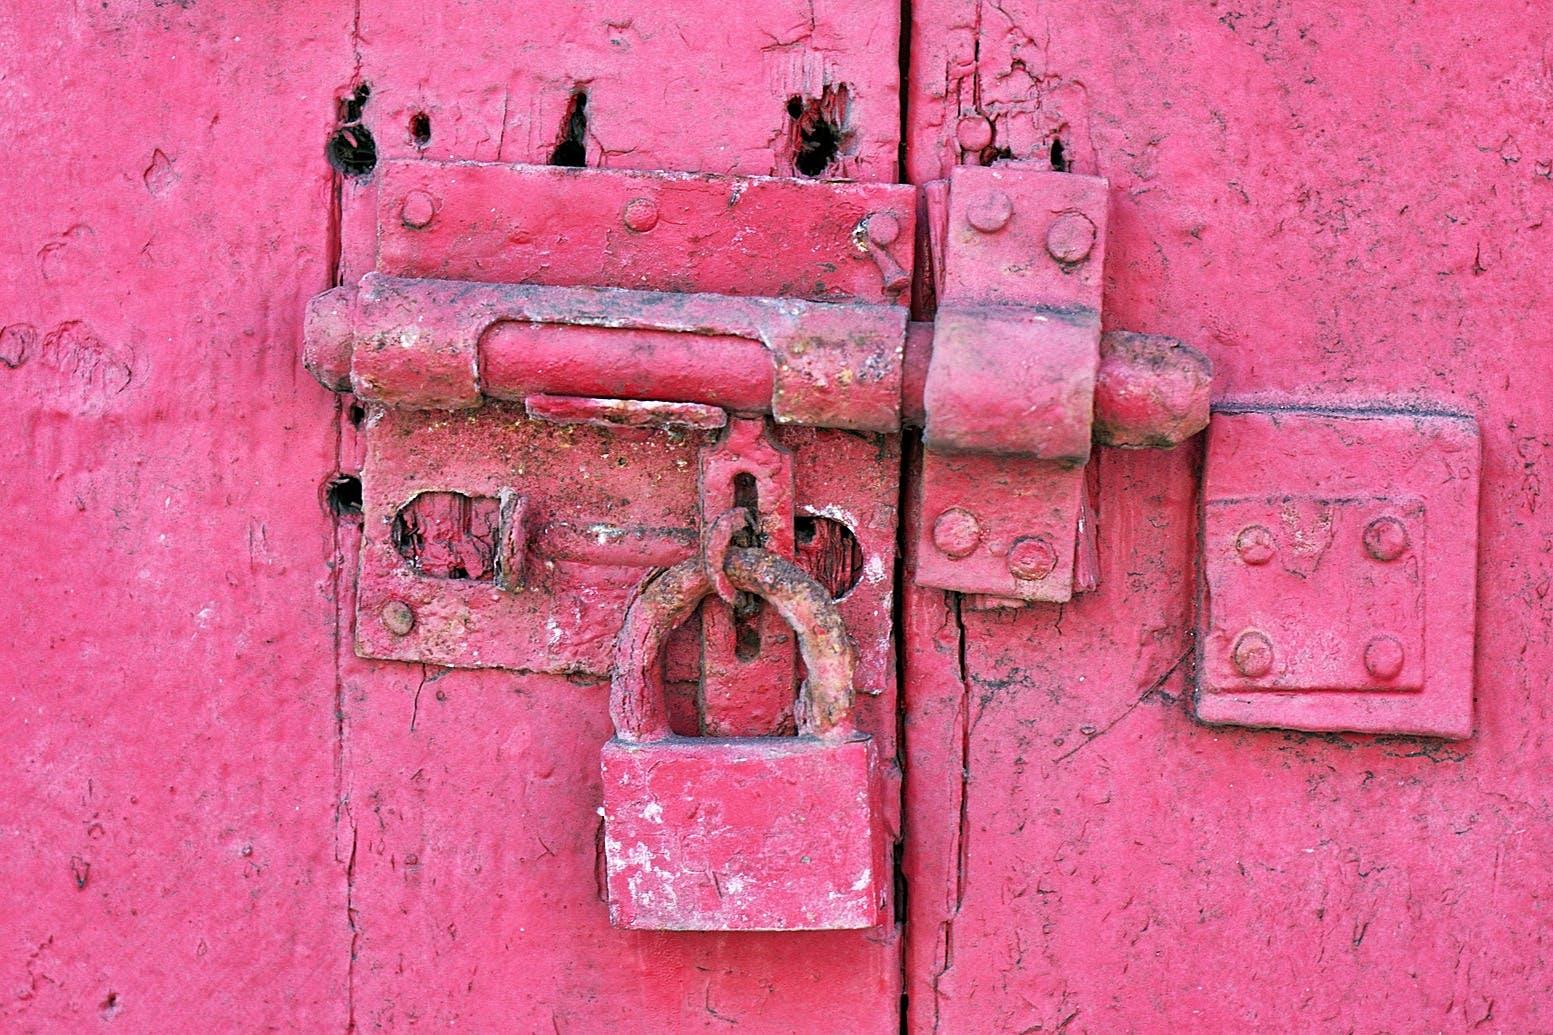 Red Metal Padlock